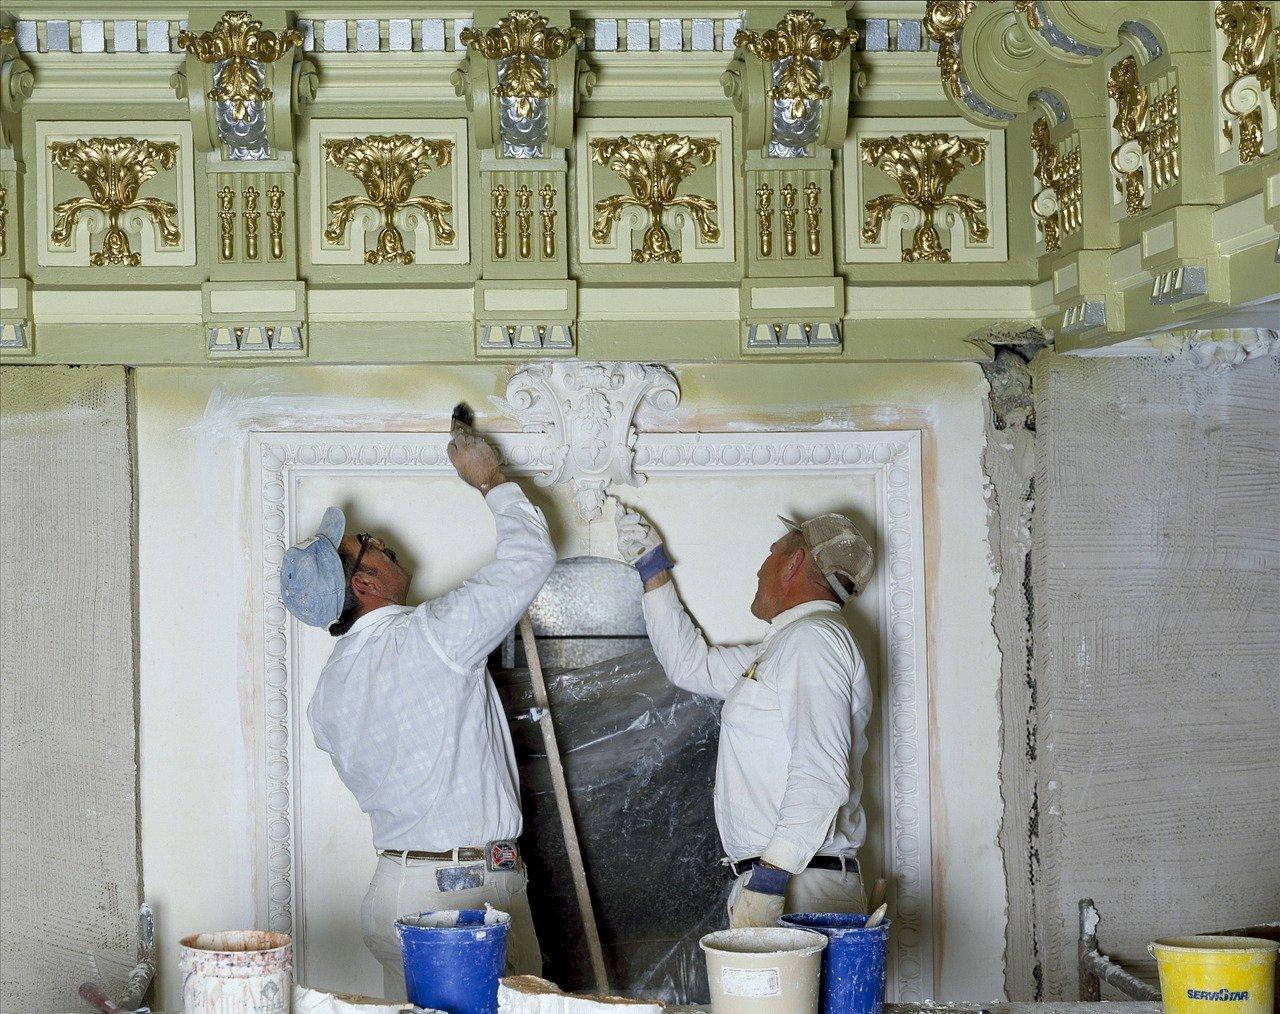 Rénovation immobilière - Le choix de l'artisan est déterminant